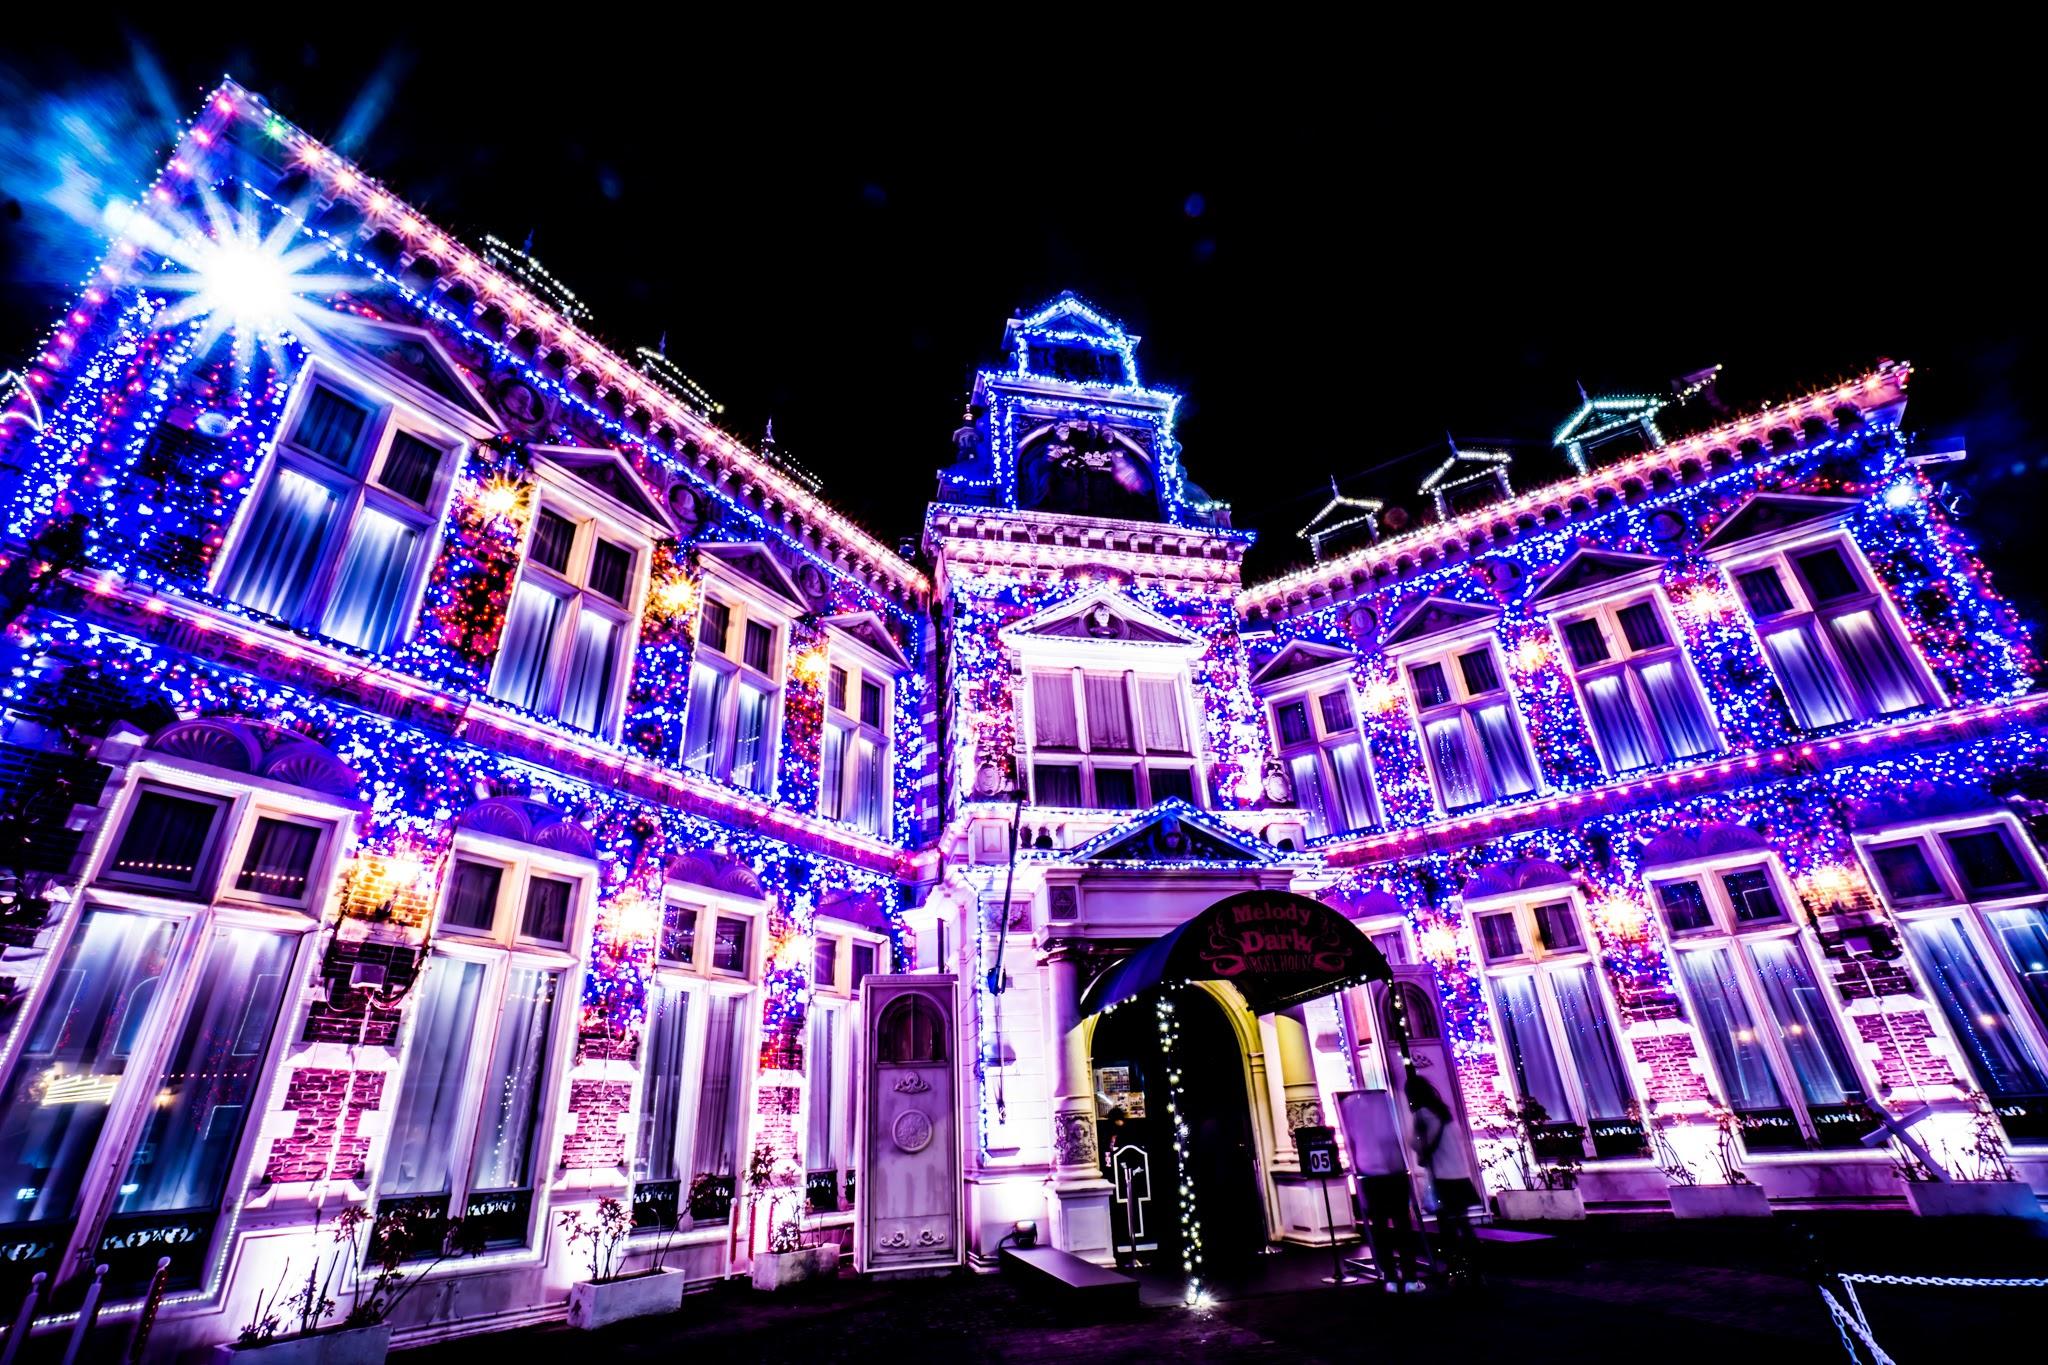 Huis Ten Bosch illumination Kingdom of light Thriller city2